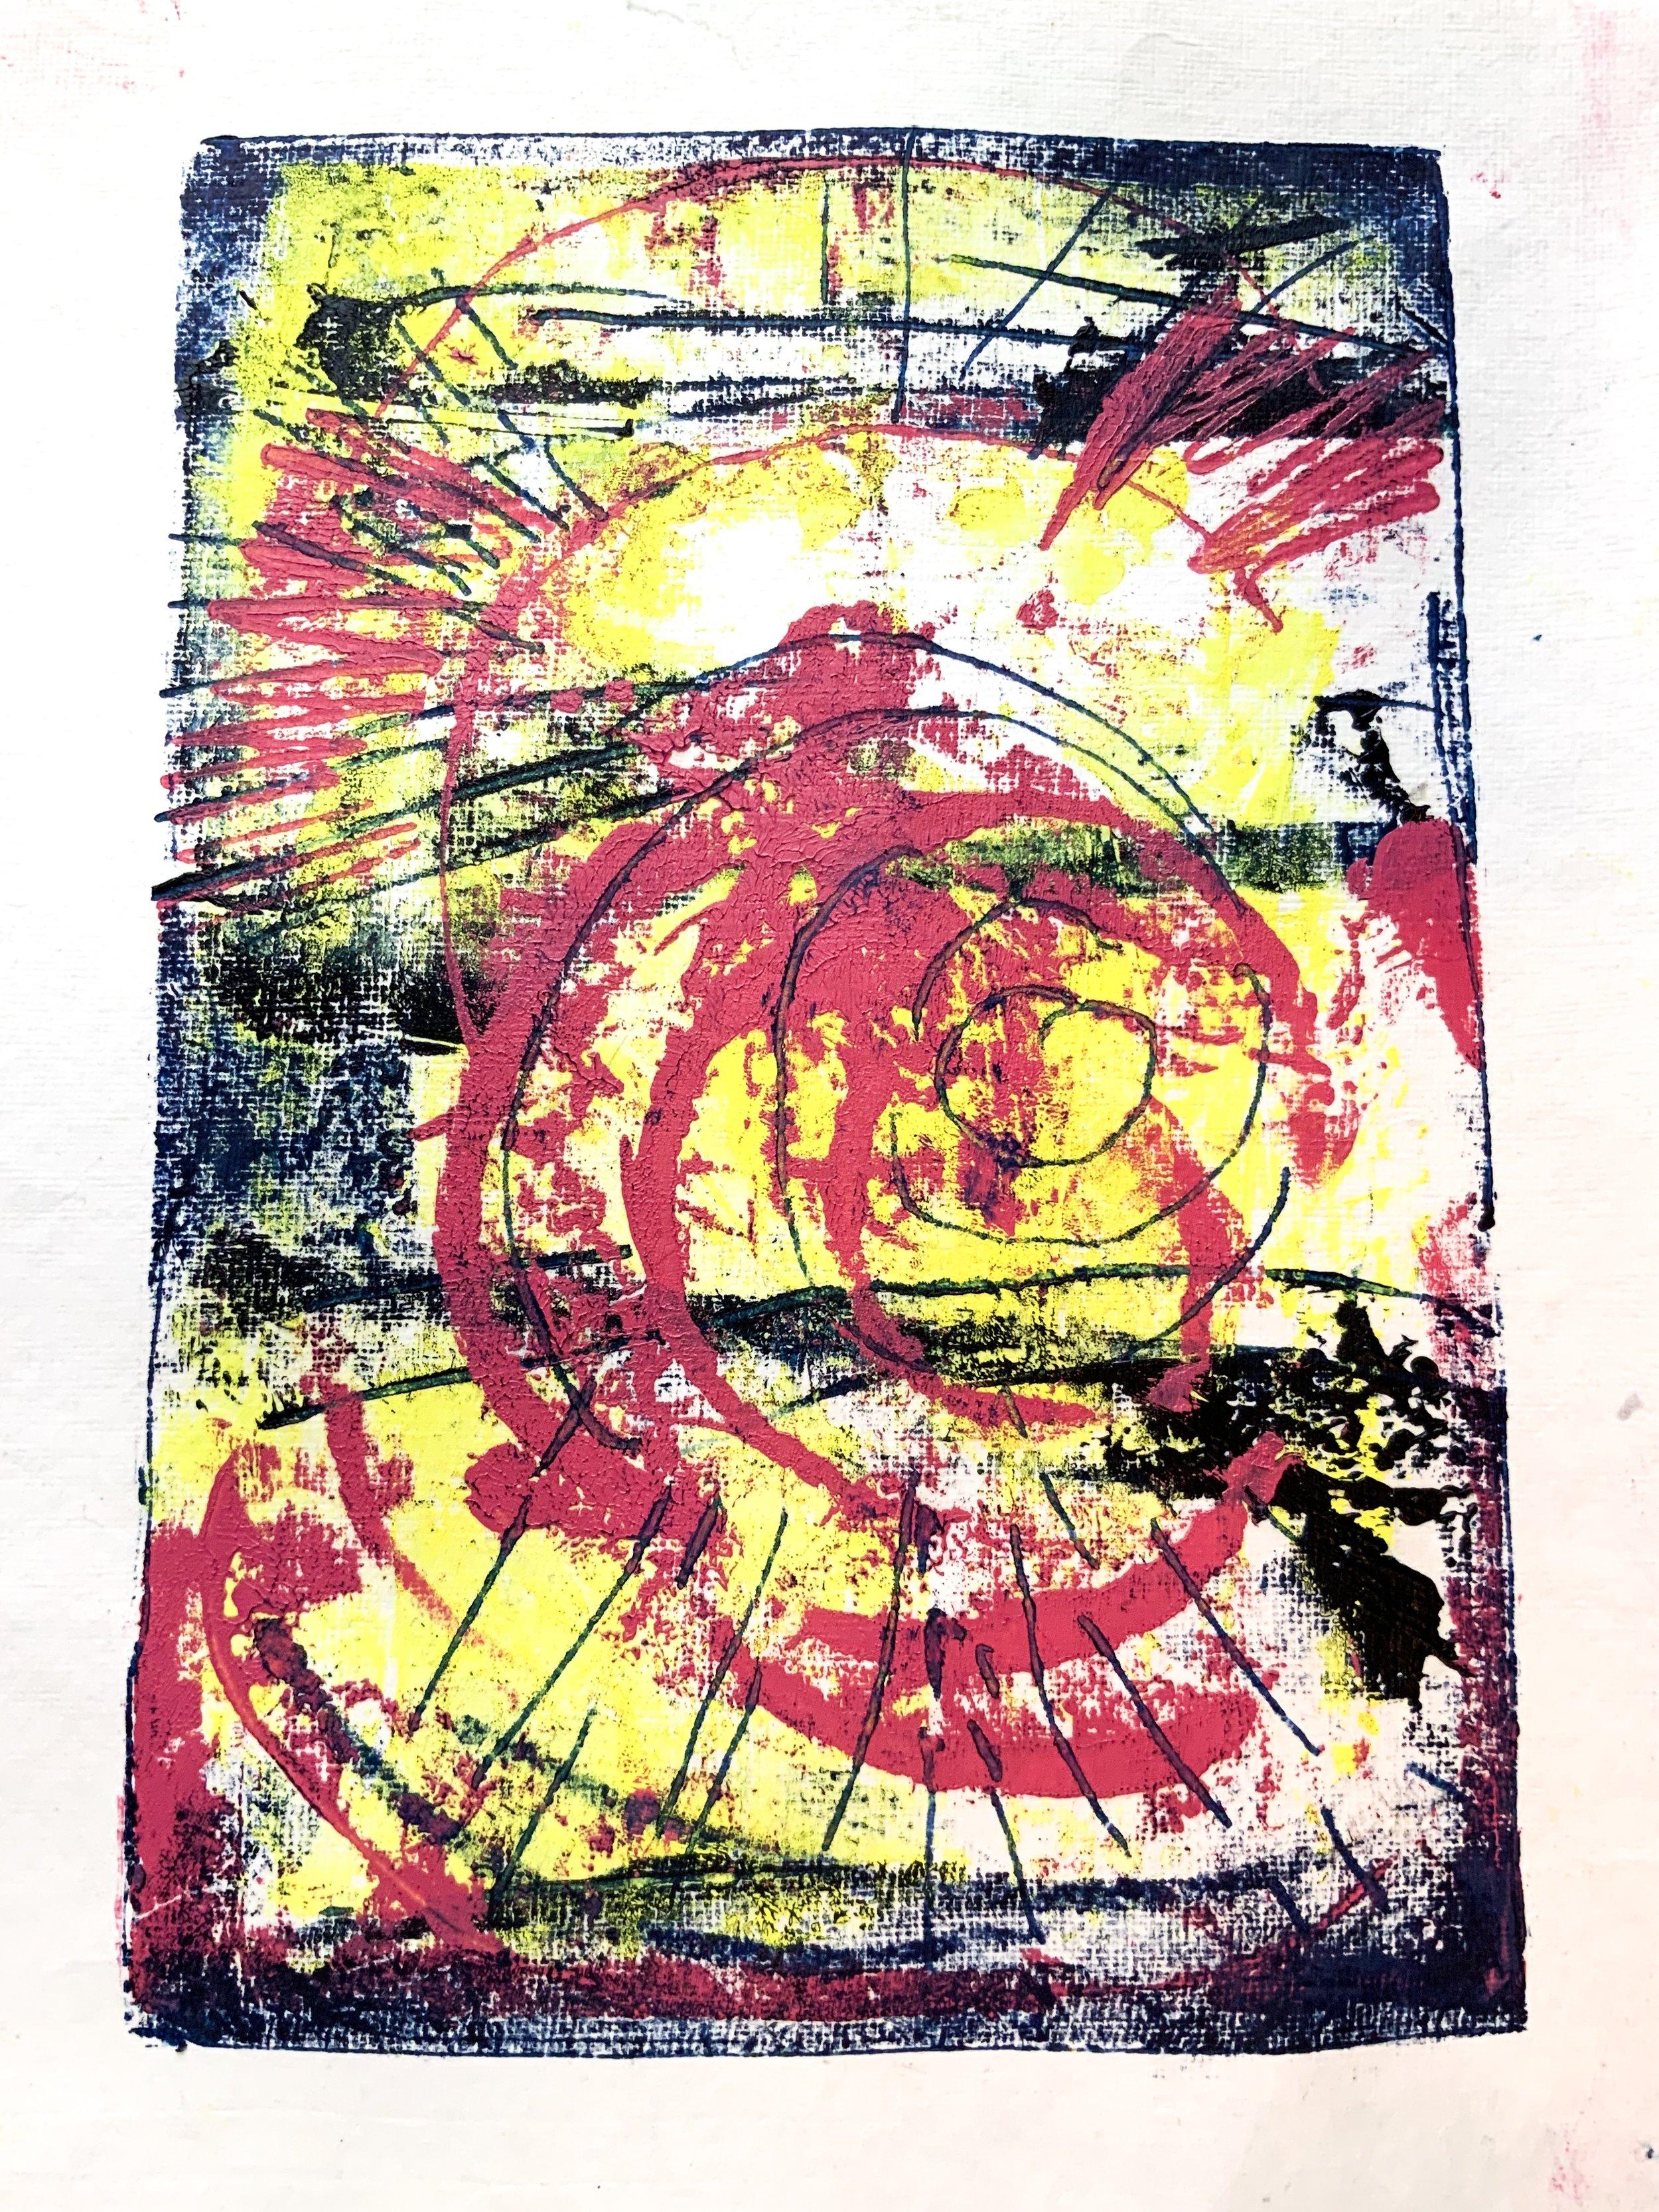 Line Experiment 10 CJuliaBethmann2019